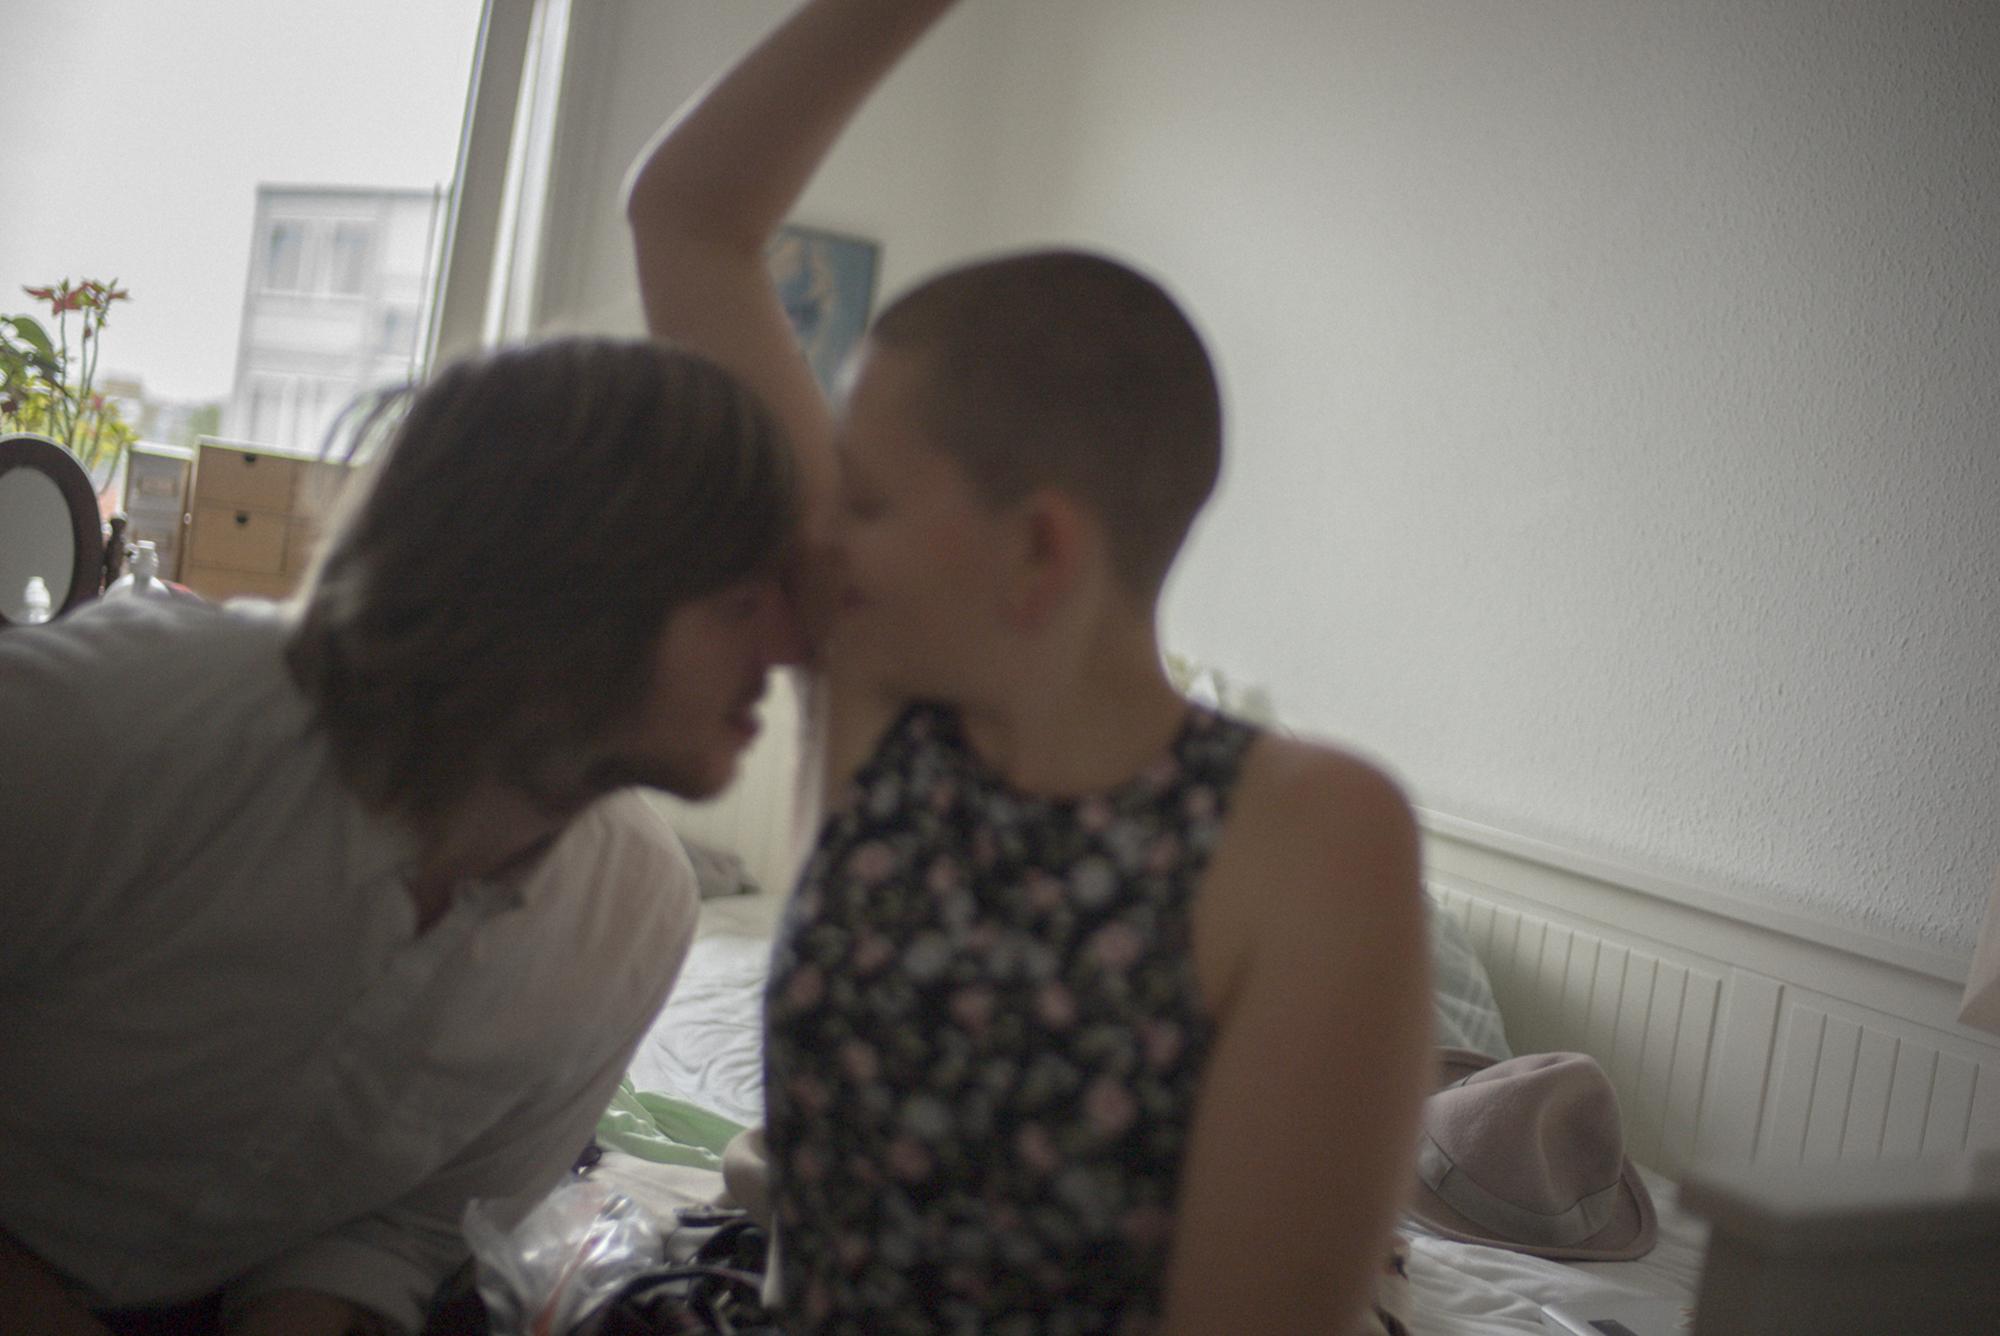 Rasmus_Degnbol-Ditte_A_Schitzotypical_Life_005